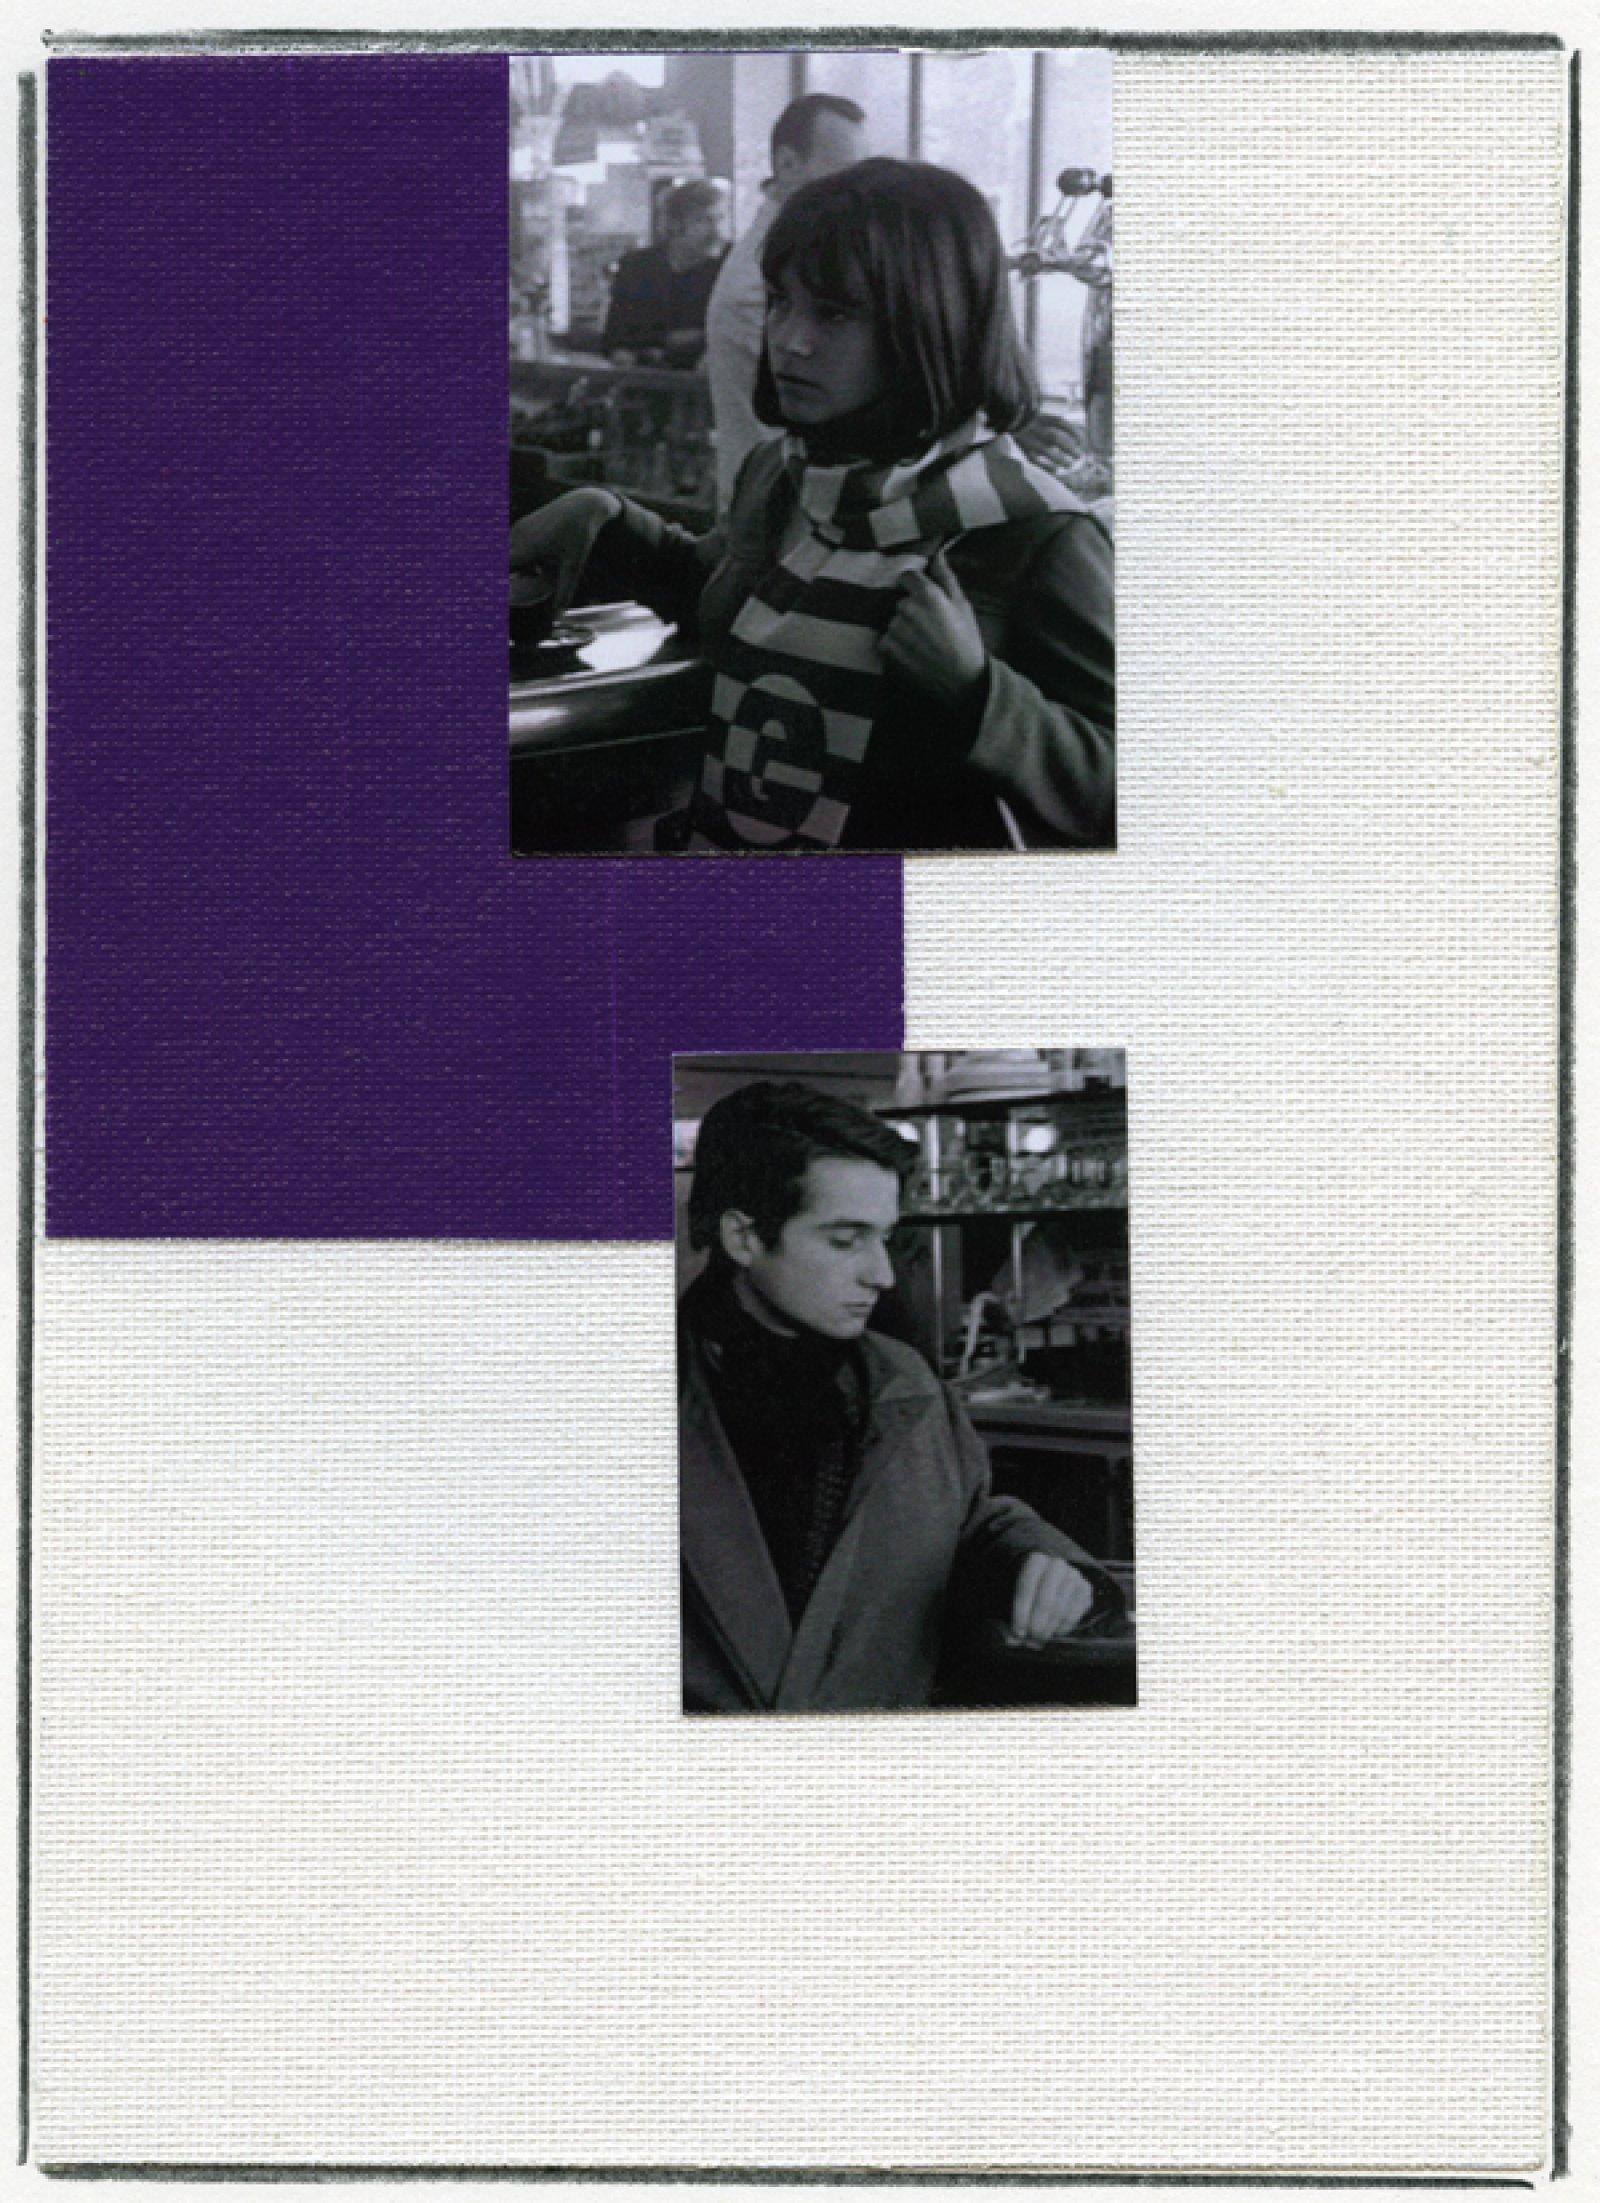 Ian Wallace, Enlarged Inkjet Study for Masculin/Féminin III, 2010, inkjet print, 47 x 35 in. (119 x 89 cm)   by Ian Wallace